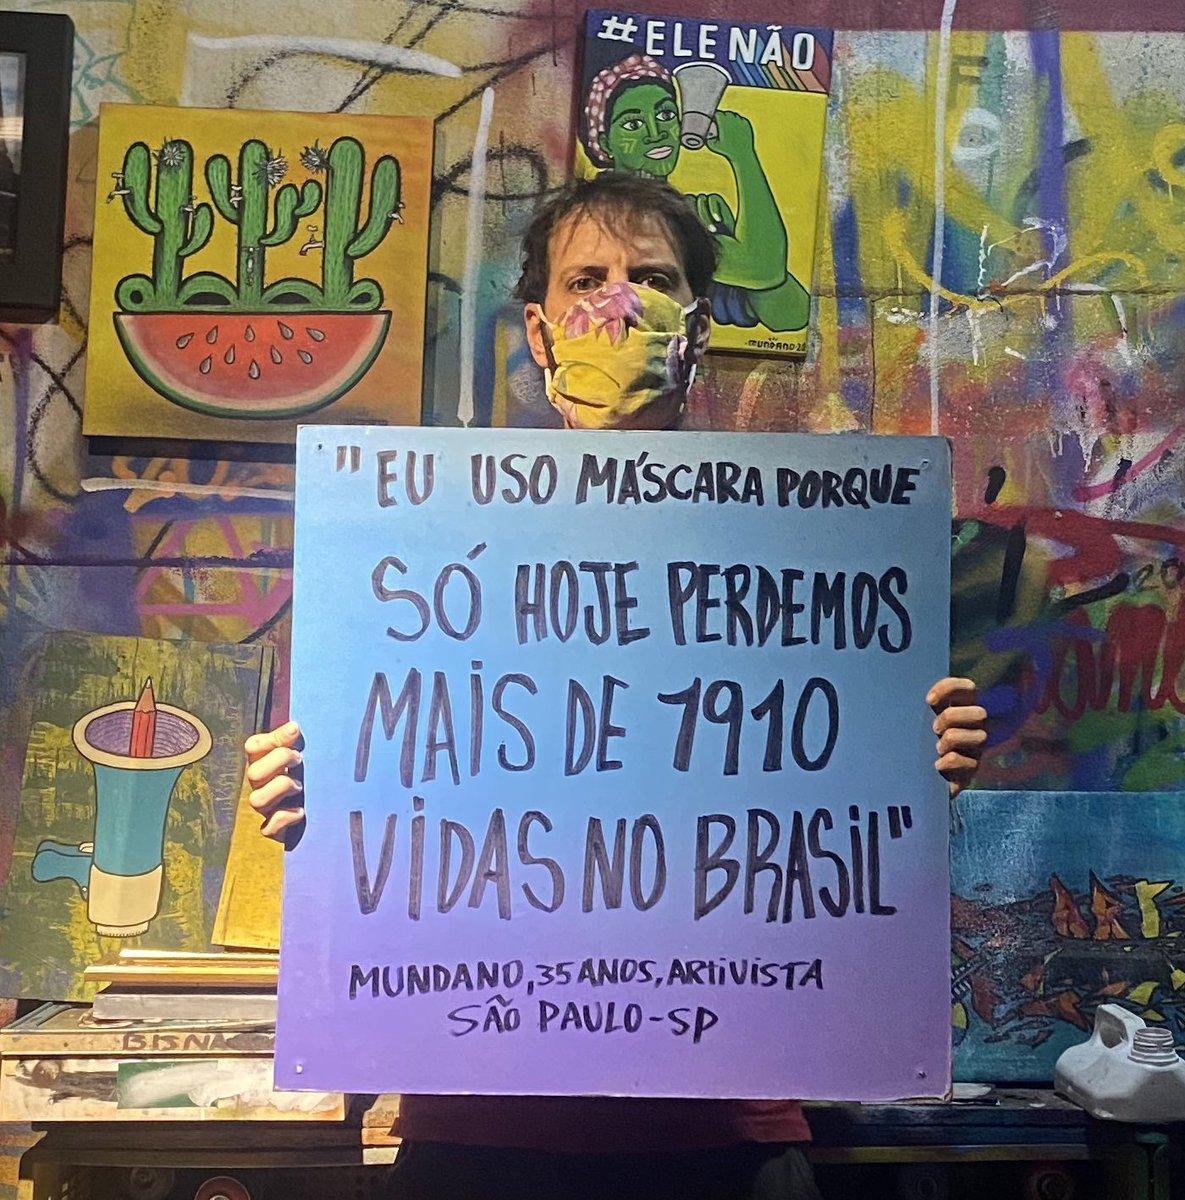 #euusomascaraporque só hoje perdemos mais de 1910 vidas no Brasil .   E você porque usa máscara ? https://t.co/oBJvtVHhXO